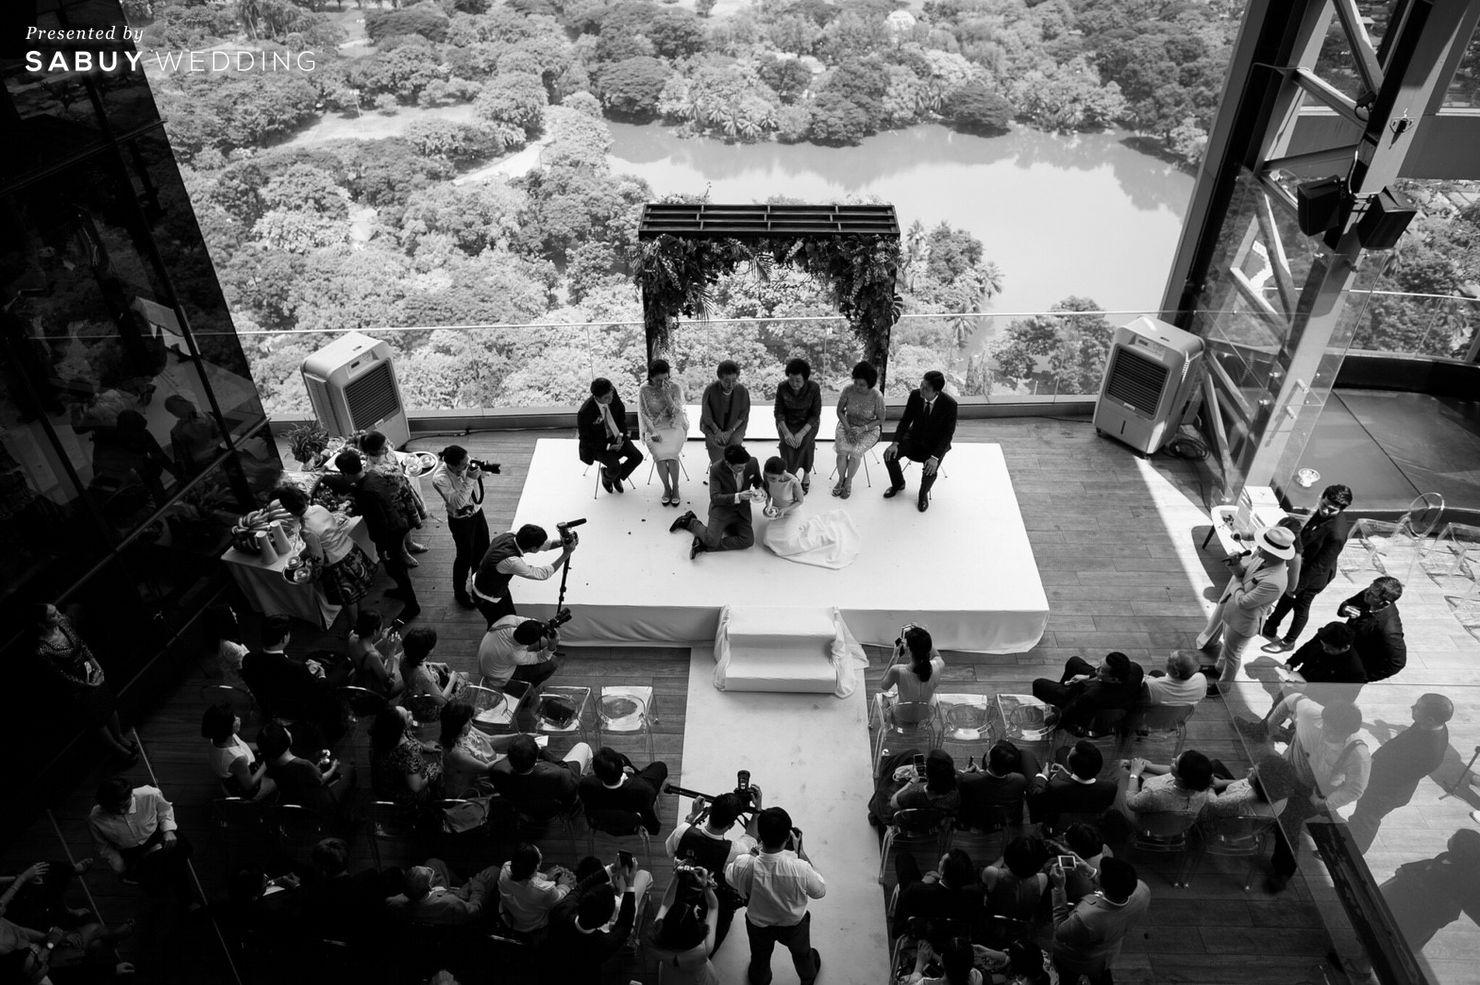 สถานที่แต่งงาน,โรงแรม,rooftop,บ่าวสาว,ชุดเจ้าสาว,ตกแต่งงานแต่ง,จัดดอกไม้งานแต่ง,สถานที่แต่งงานดาดฟ้า,พิธีหมั้น รีวิวงานแต่ง Sit-down Lunch และ Dinner เฉียบเรียบโก้ โมเดิร์นมาก @SO Sofitel Bangkok